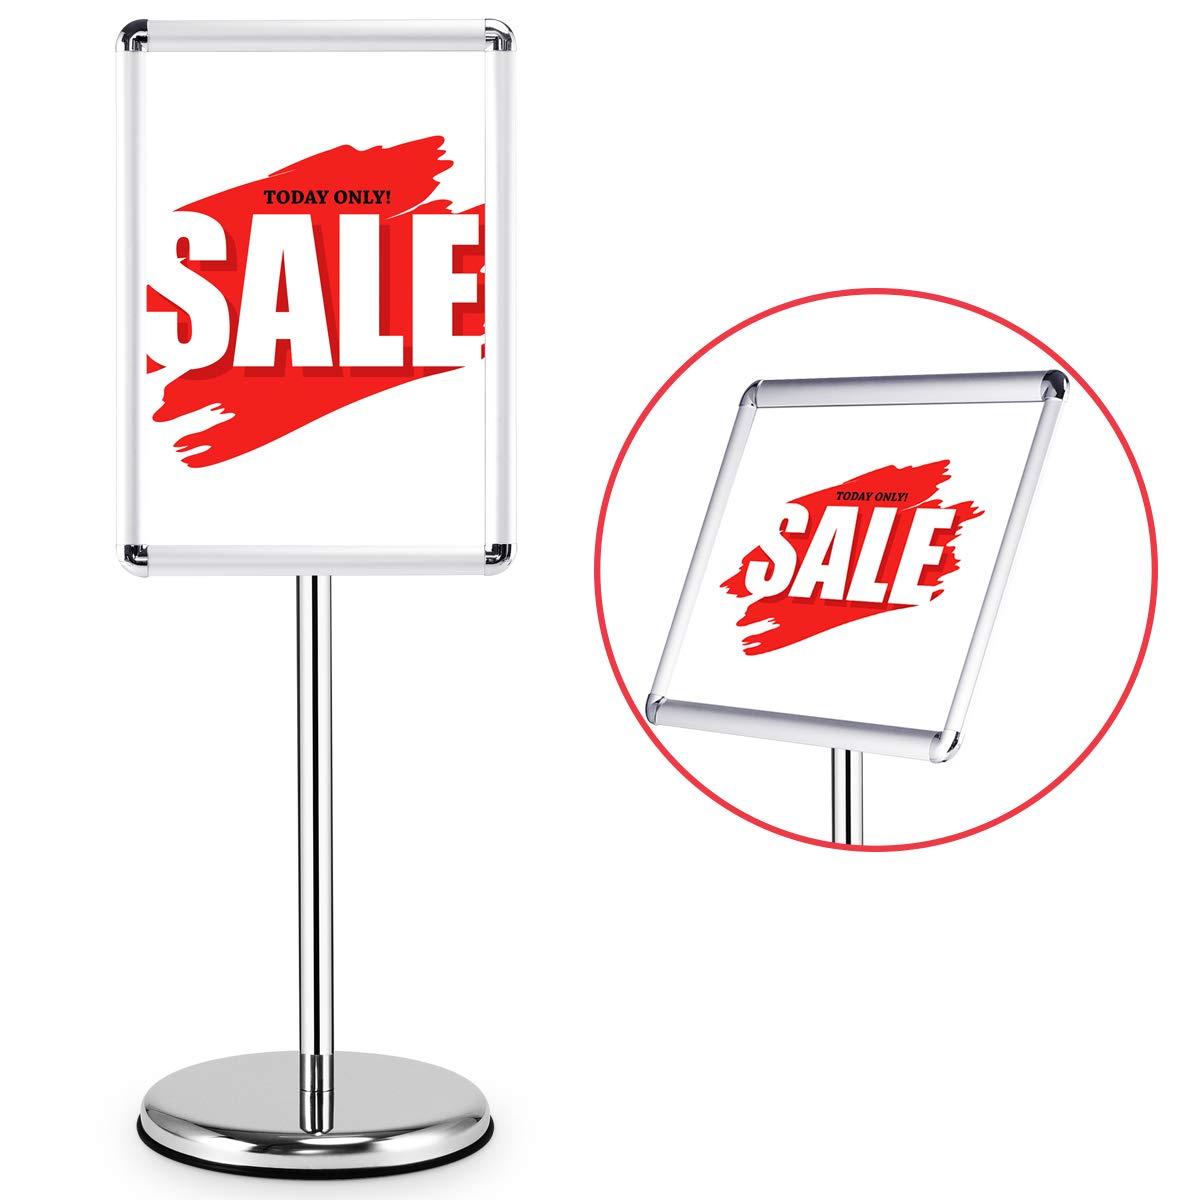 A3//A4 Poster Stand Espositore da Pavimento Supporto Men/ù Poster Pubblicit/à,Girevole e Regolabile in altezza,in acciaio INOX angolo retto, A3